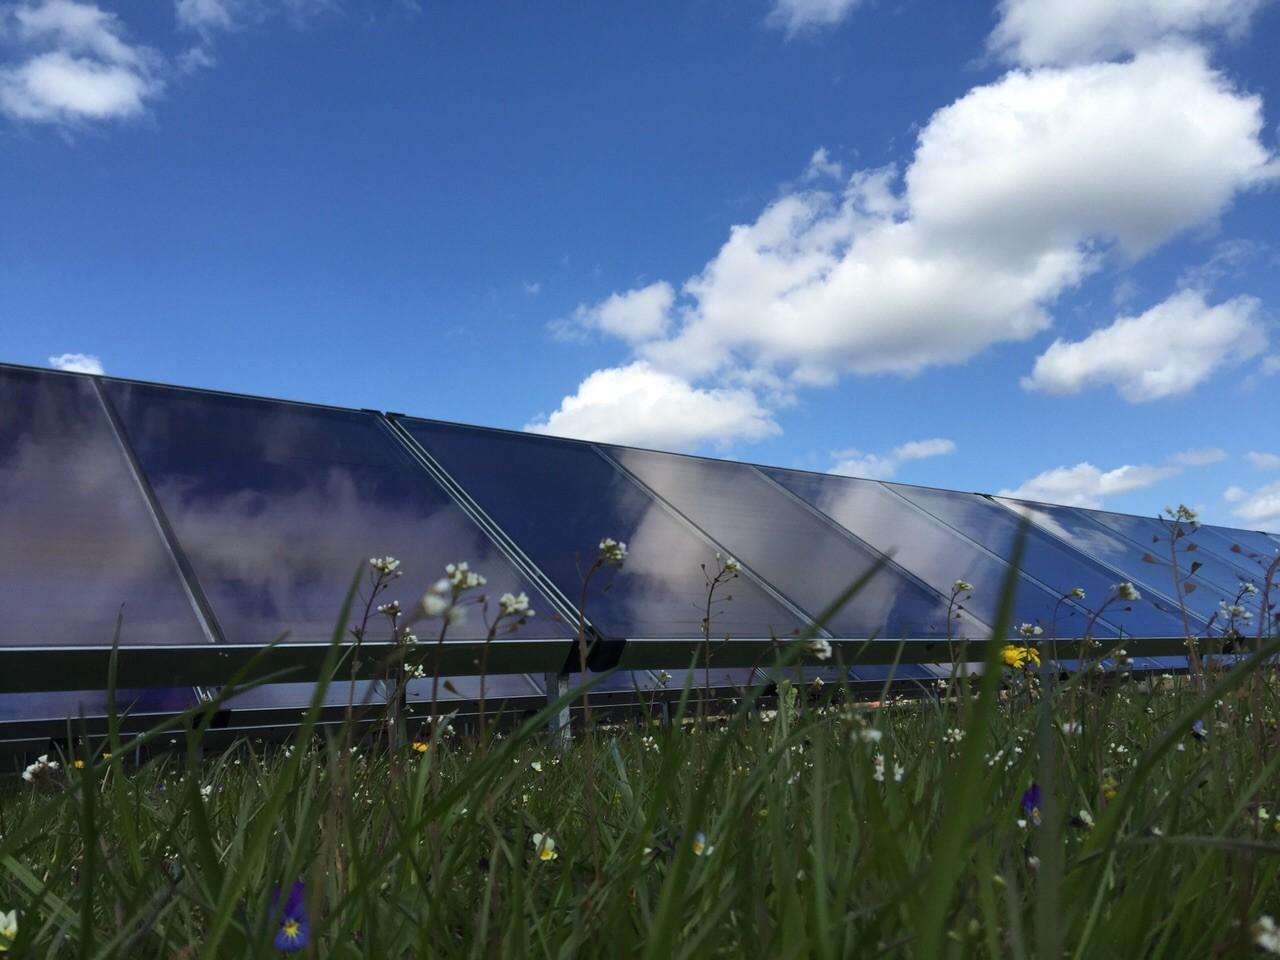 Solarkollektoren vor Blumenwiese